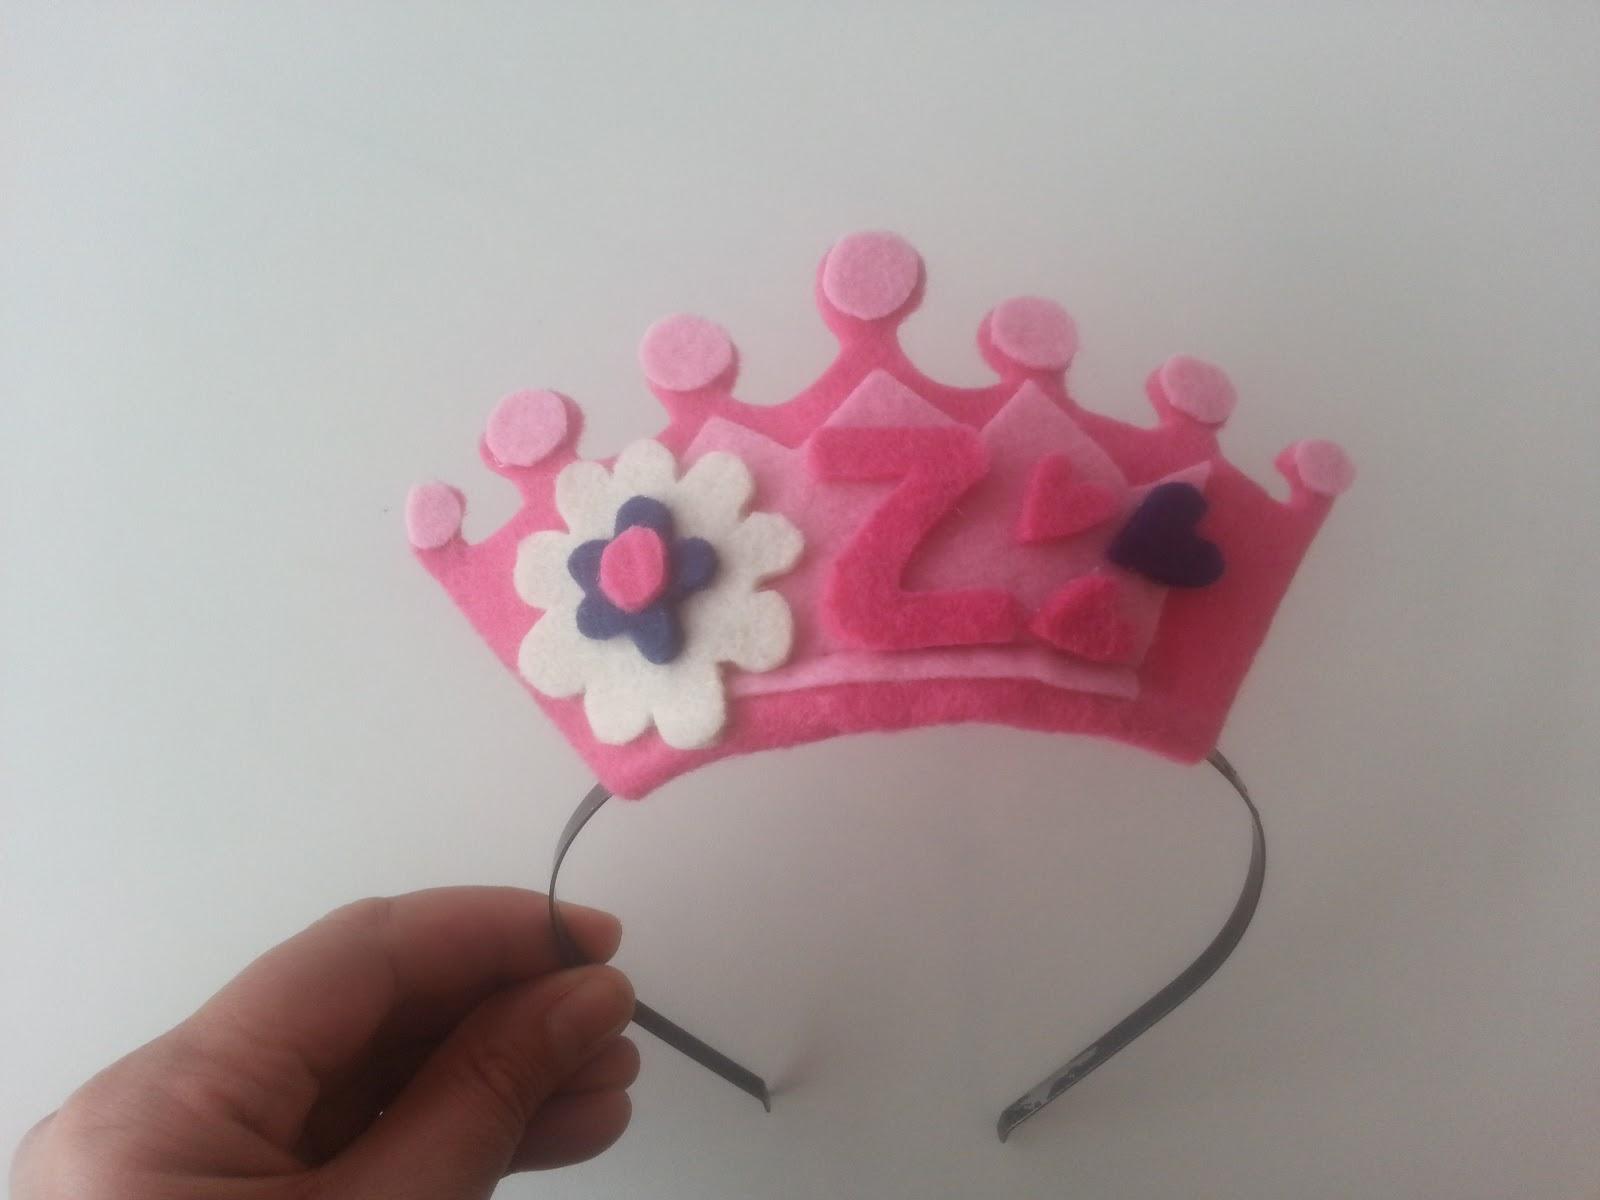 Keçeden Prenses Tacı Yapımı Resimli Anlatım